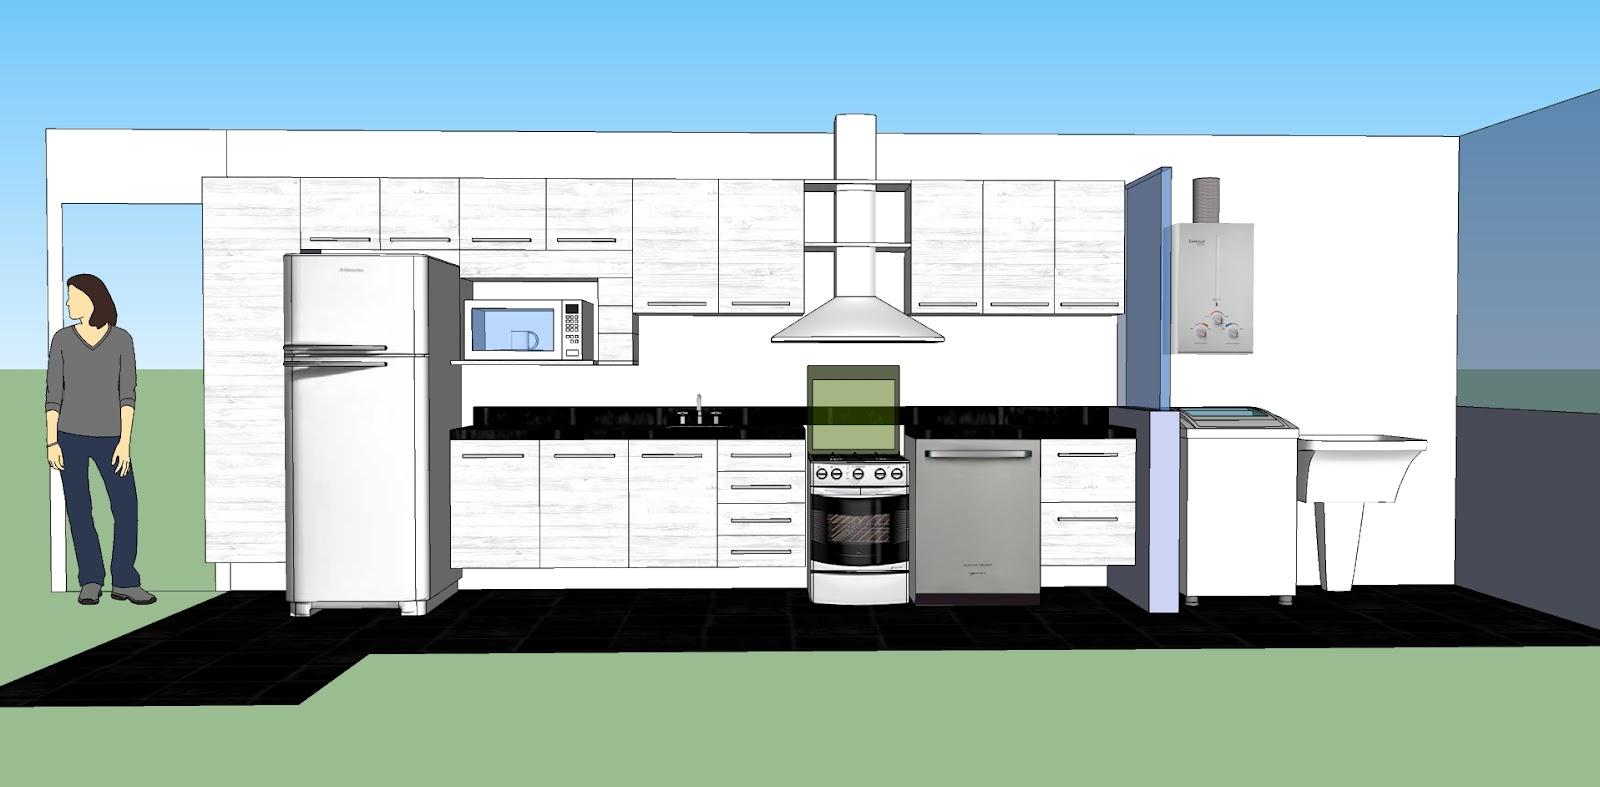 Diário do Nosso Apê: Mudança de planos na cozinha #087DC3 1600 787